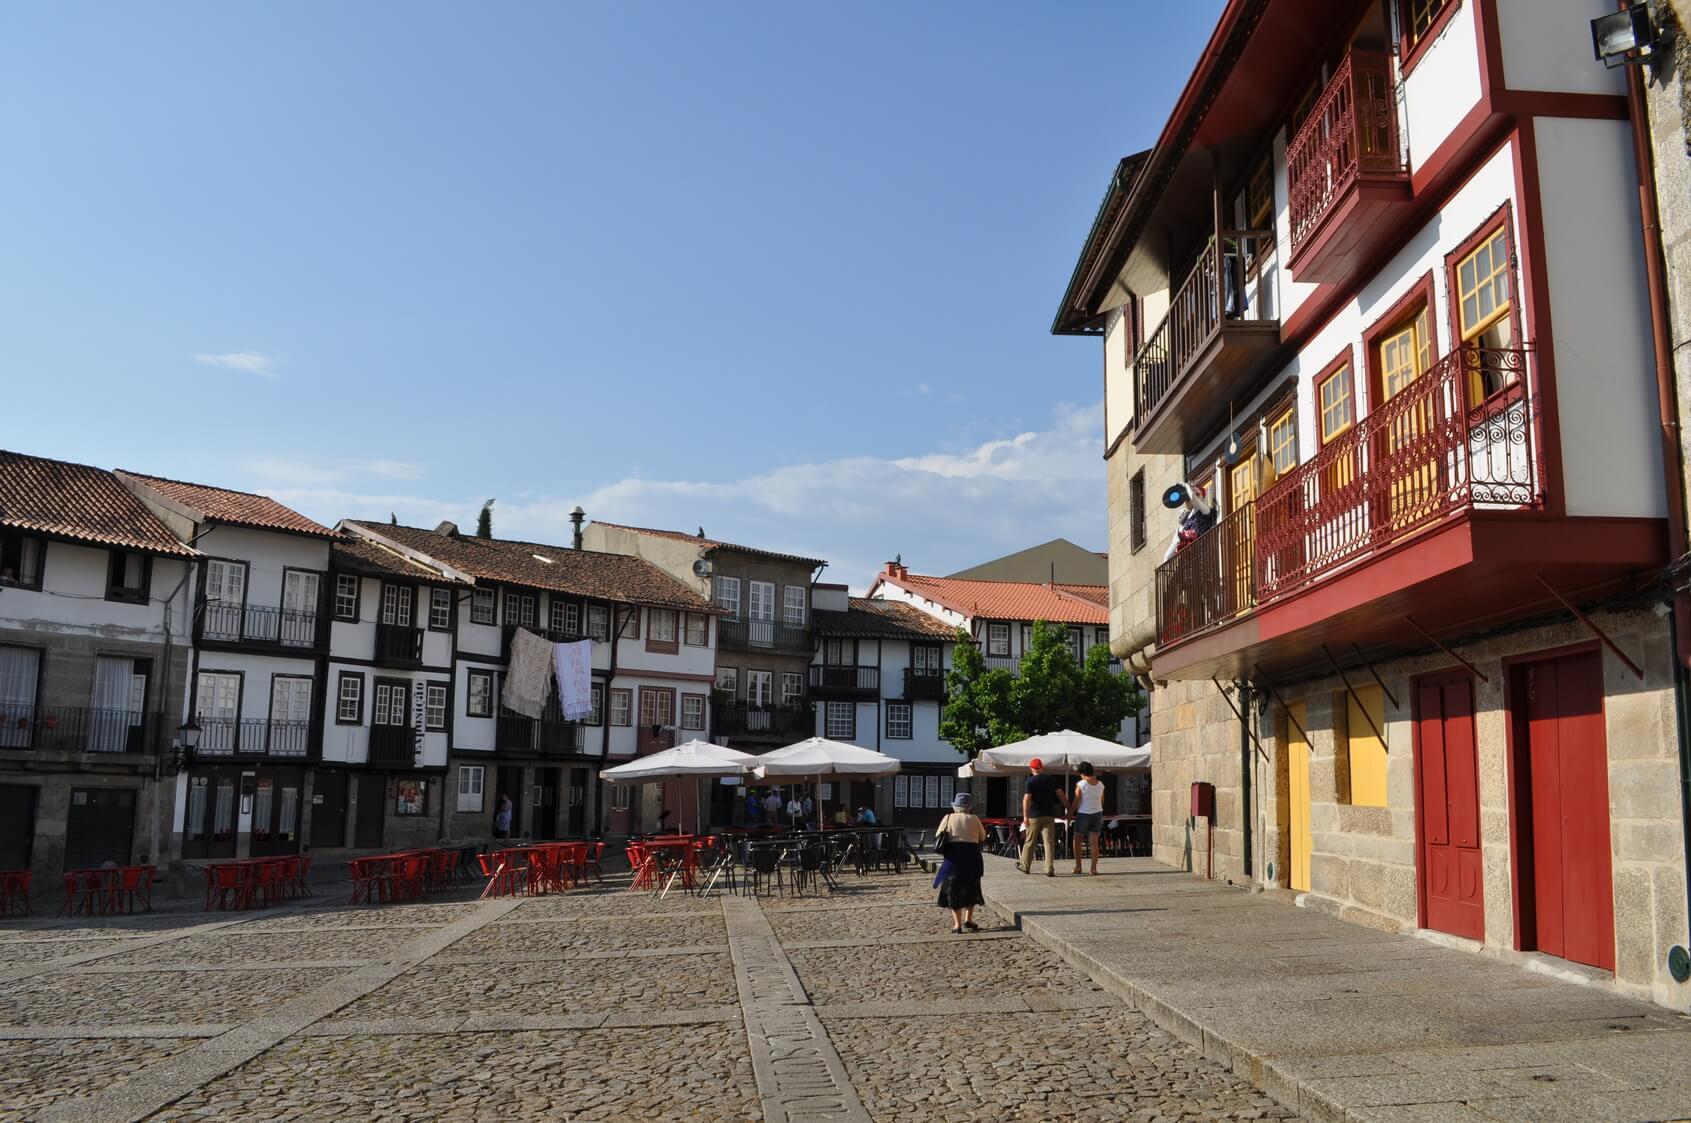 Visitas Guiadas Braga e Guimarães - Praças Típicas